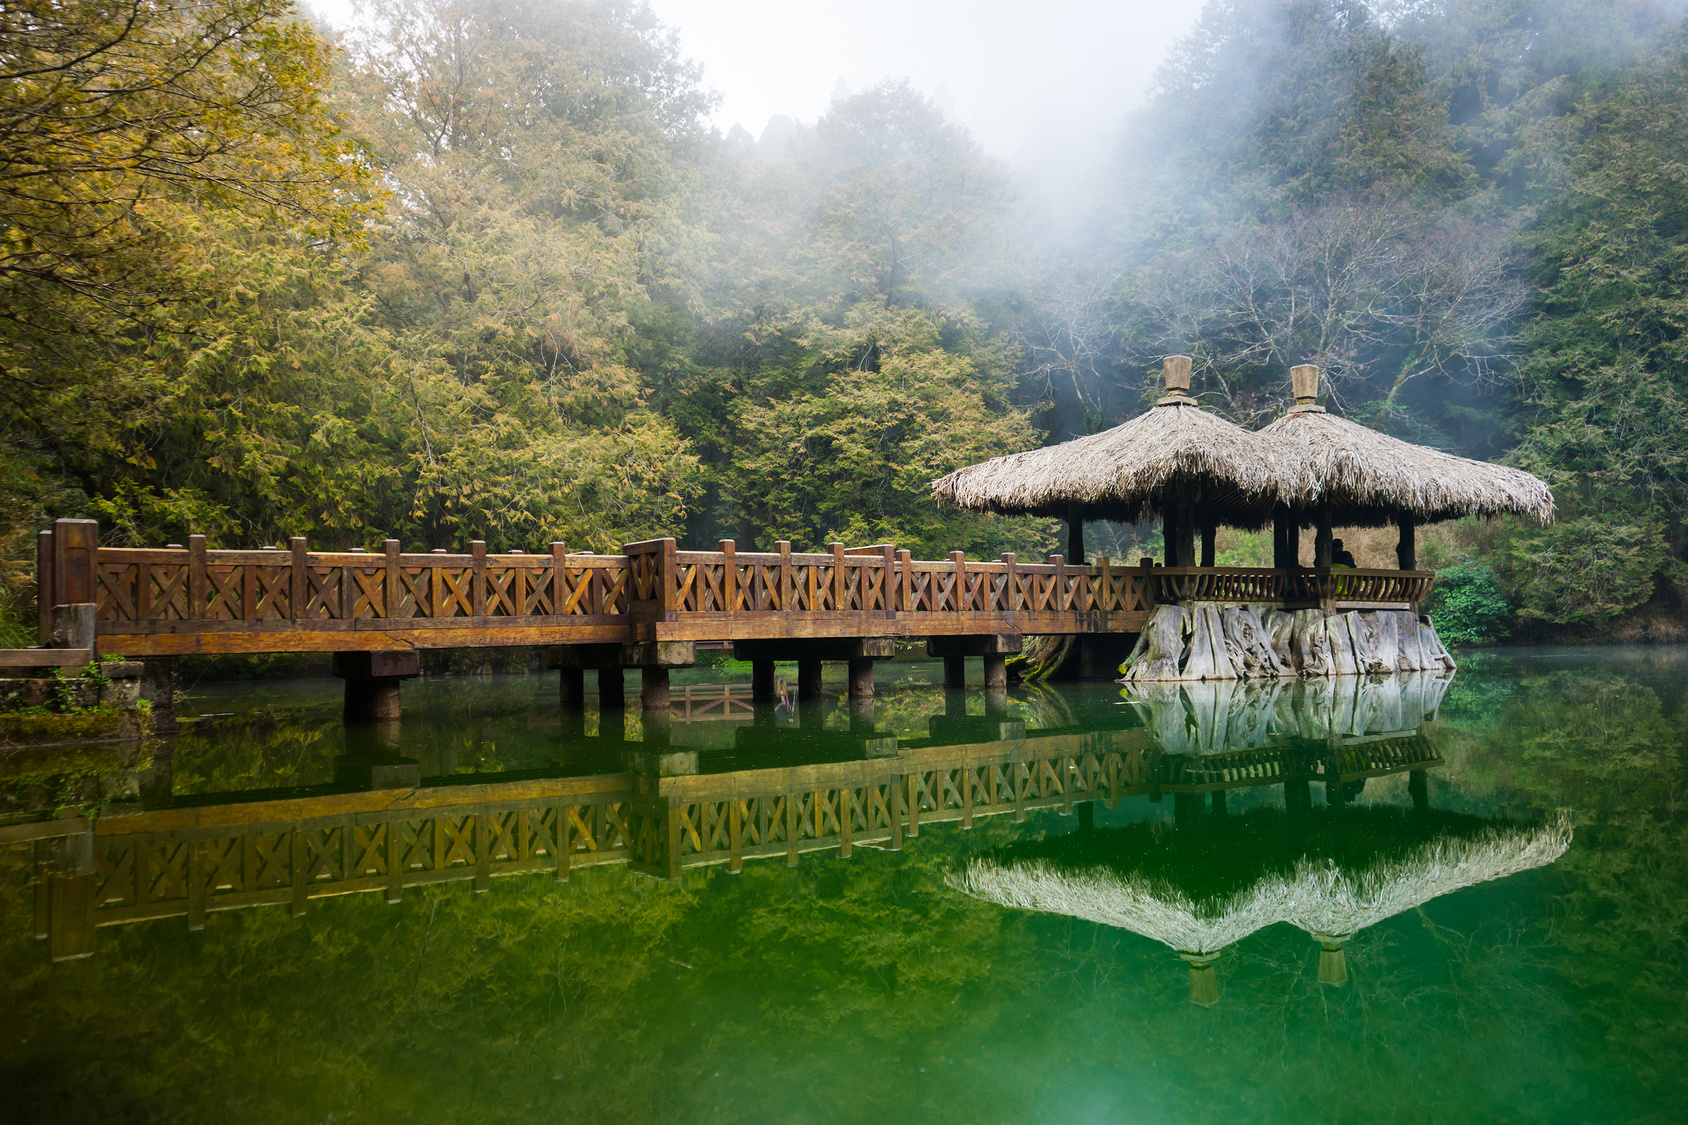 le pont elder sister à Taiwan